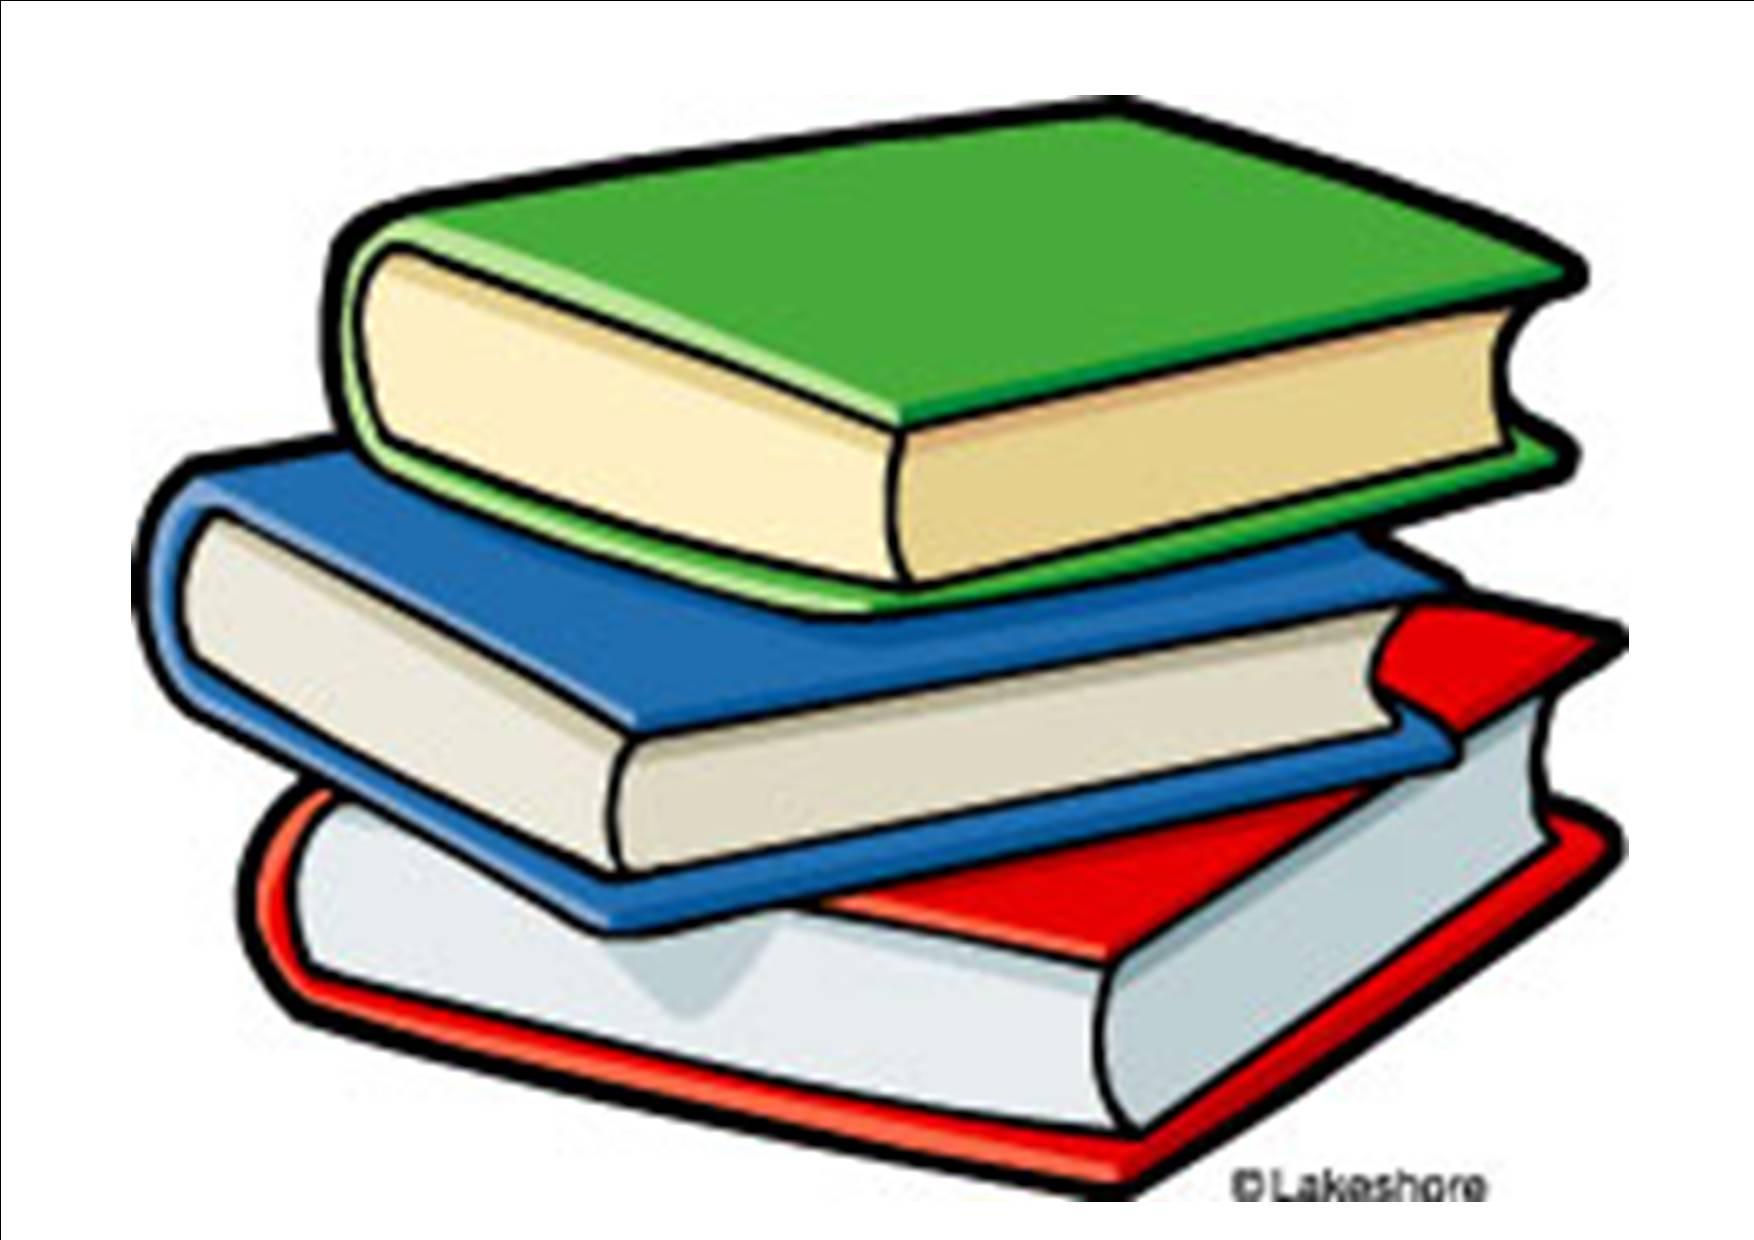 Books clipart children's book. English language arts clip